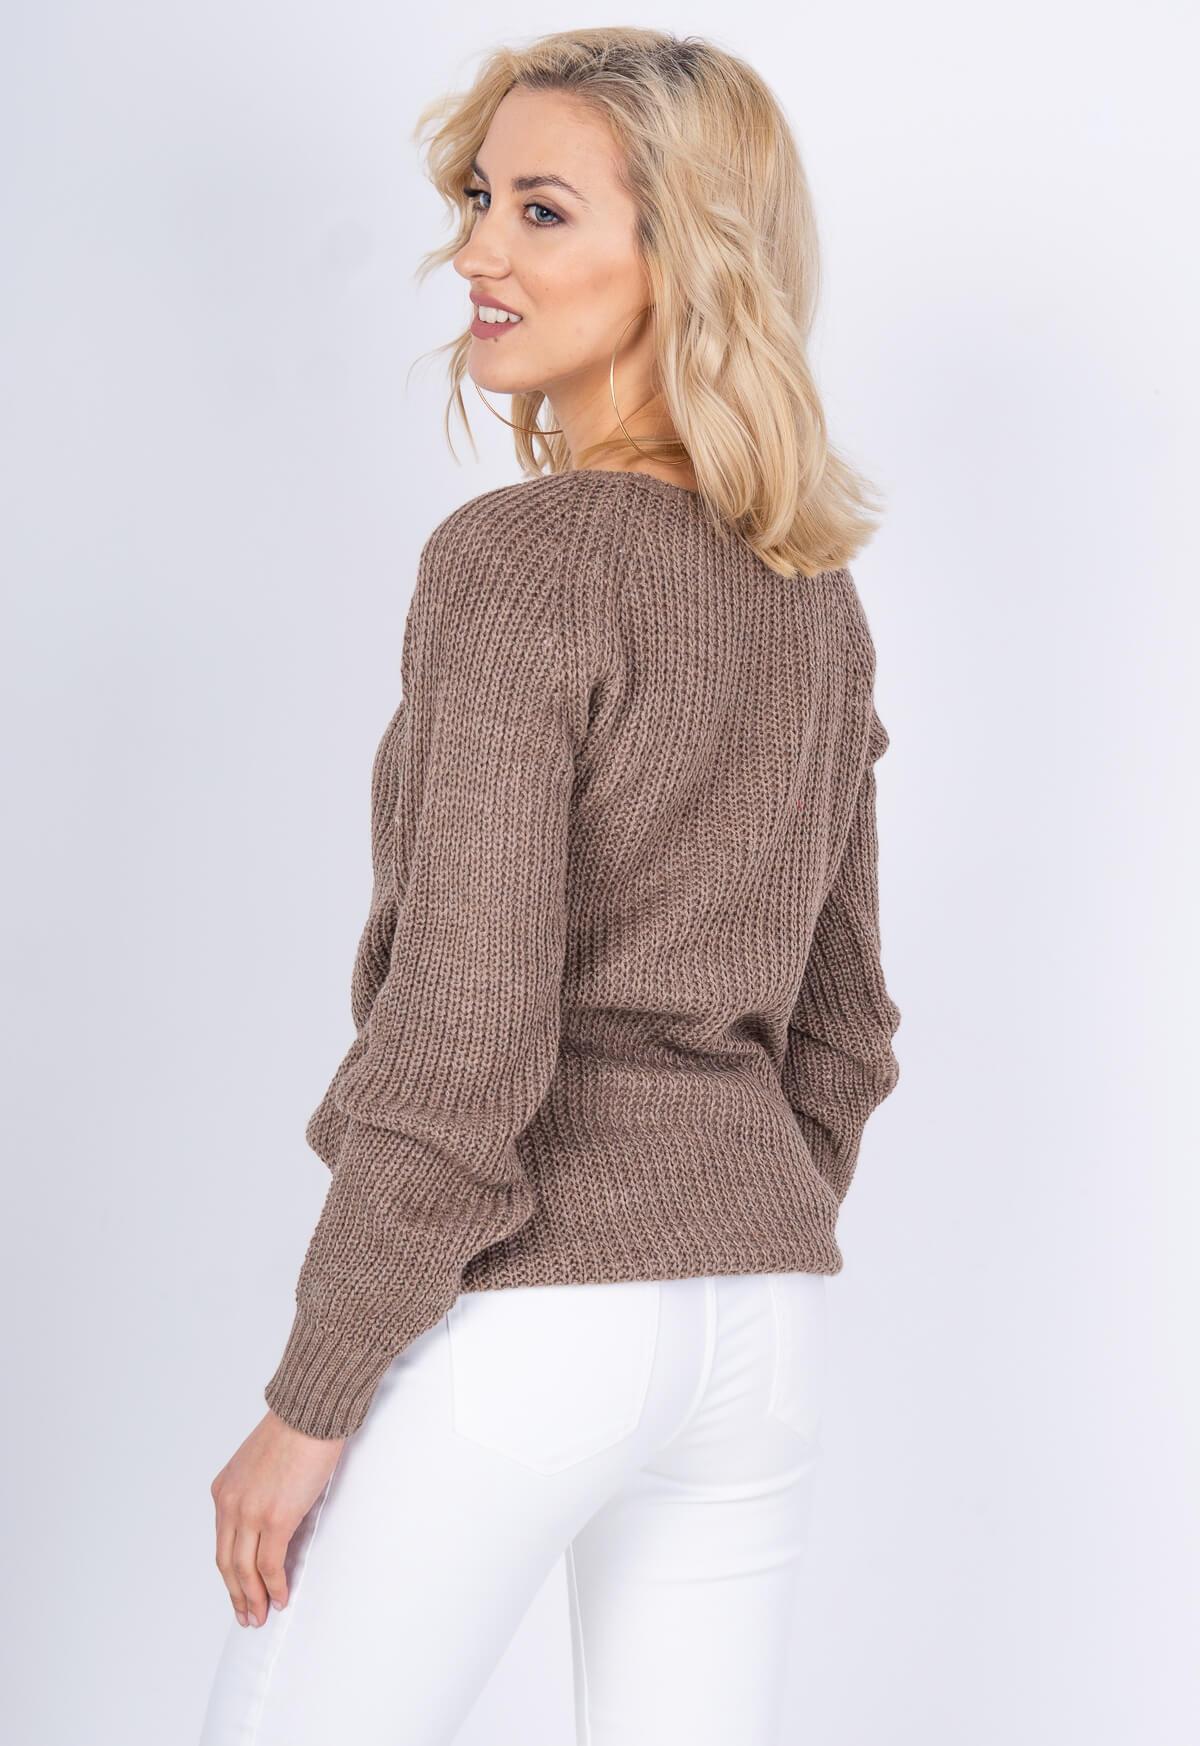 40a2dde5bf88 Hnedý dlhý vzorovaný sveter - ROUZIT.SK